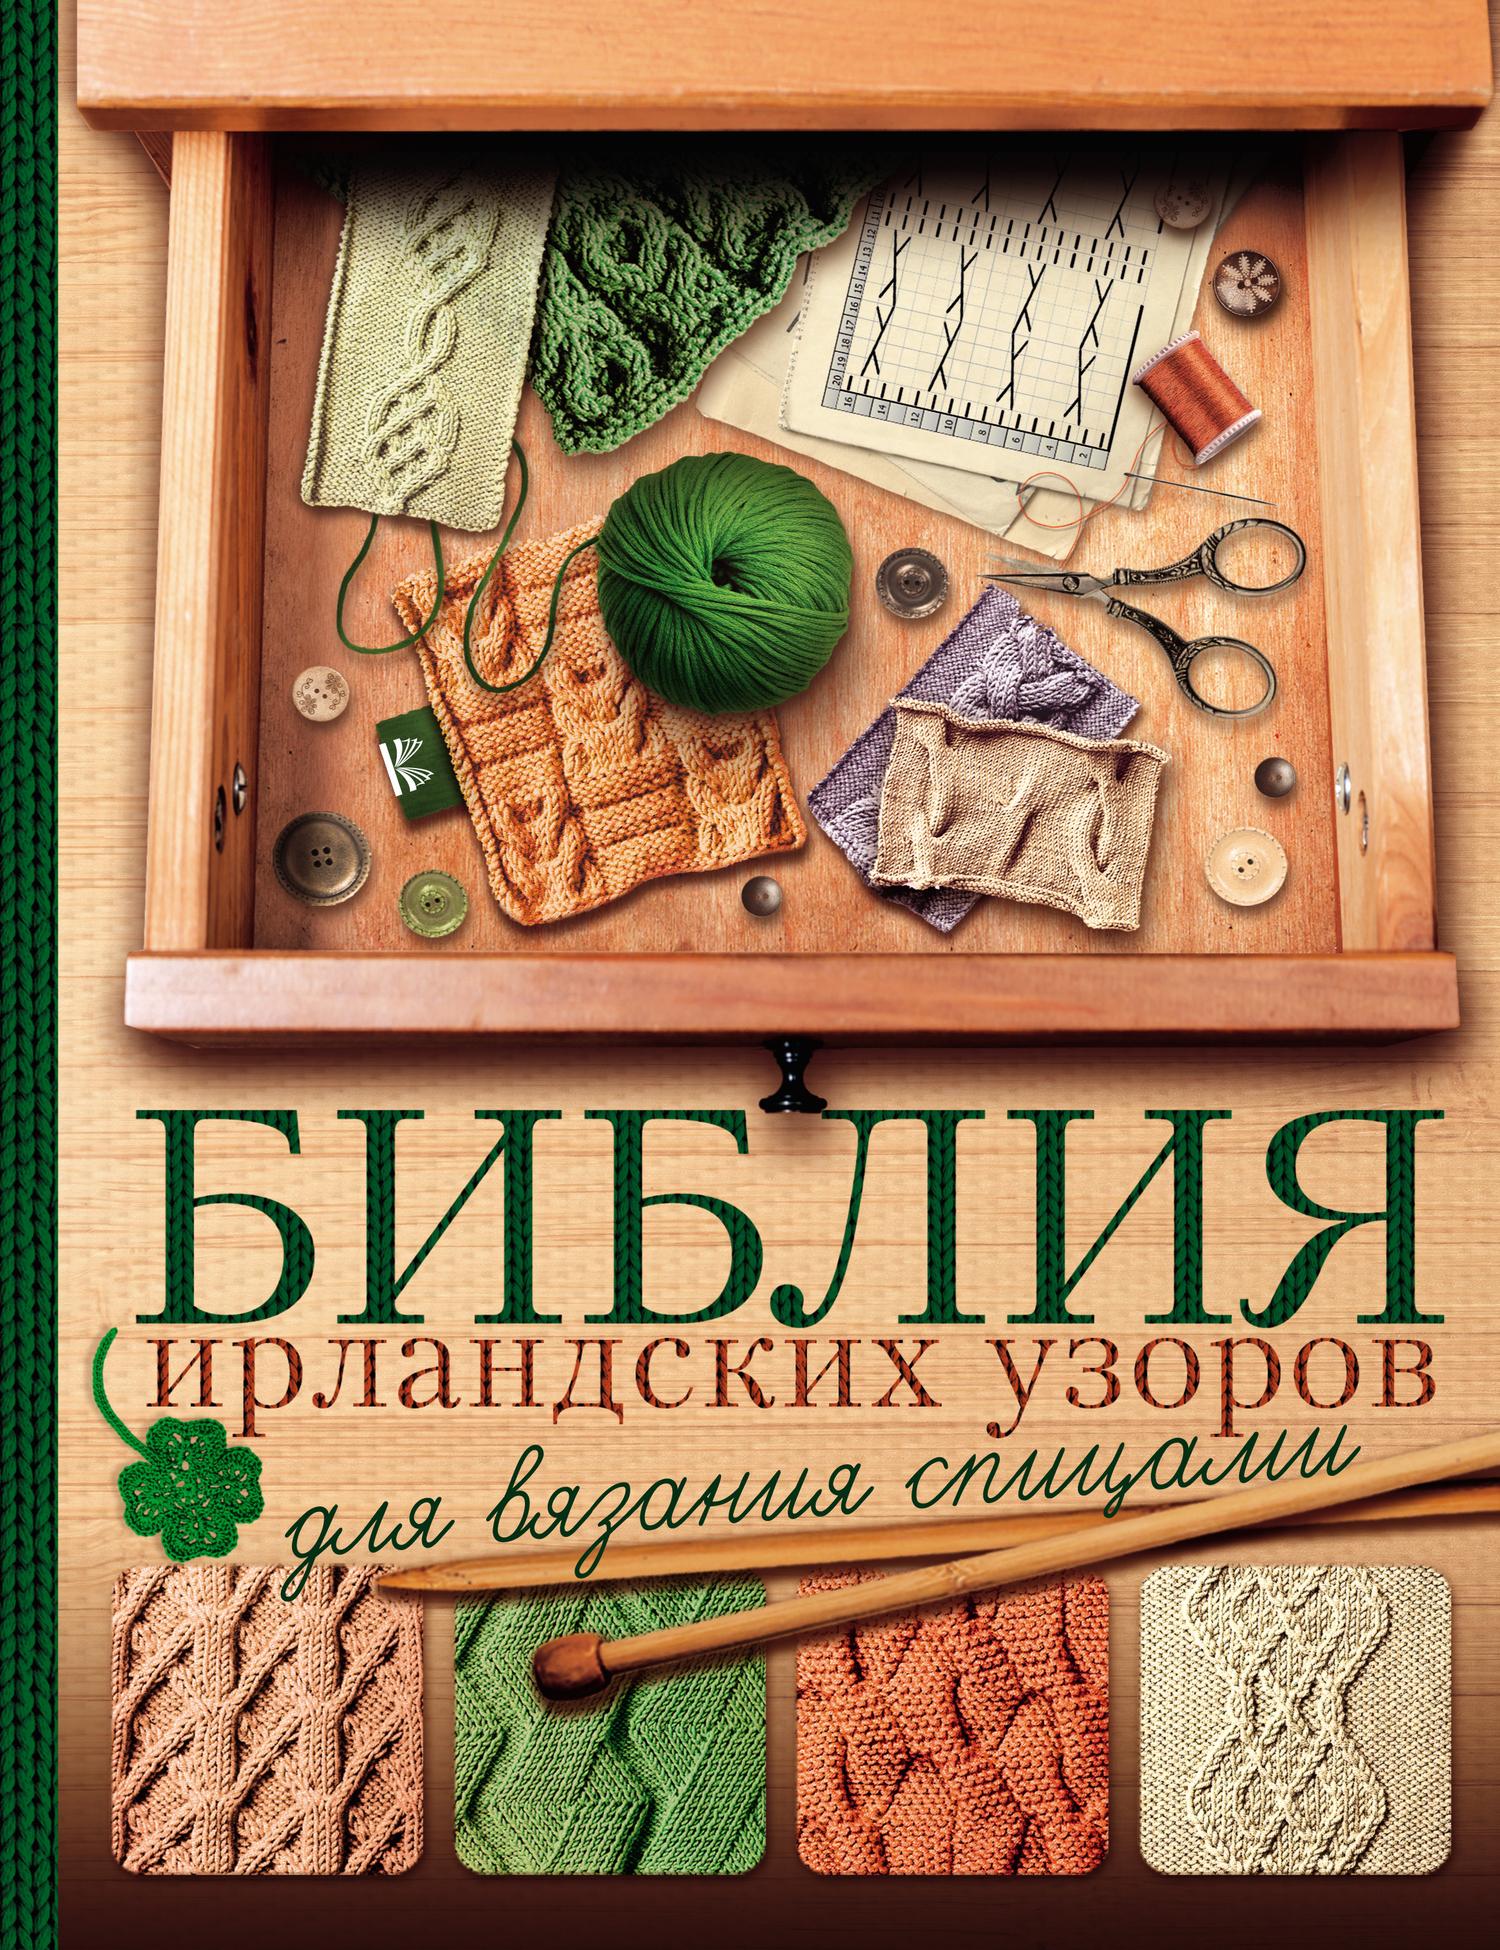 Т. В. Михайлова. Библия ирландских узоров для вязания спицами